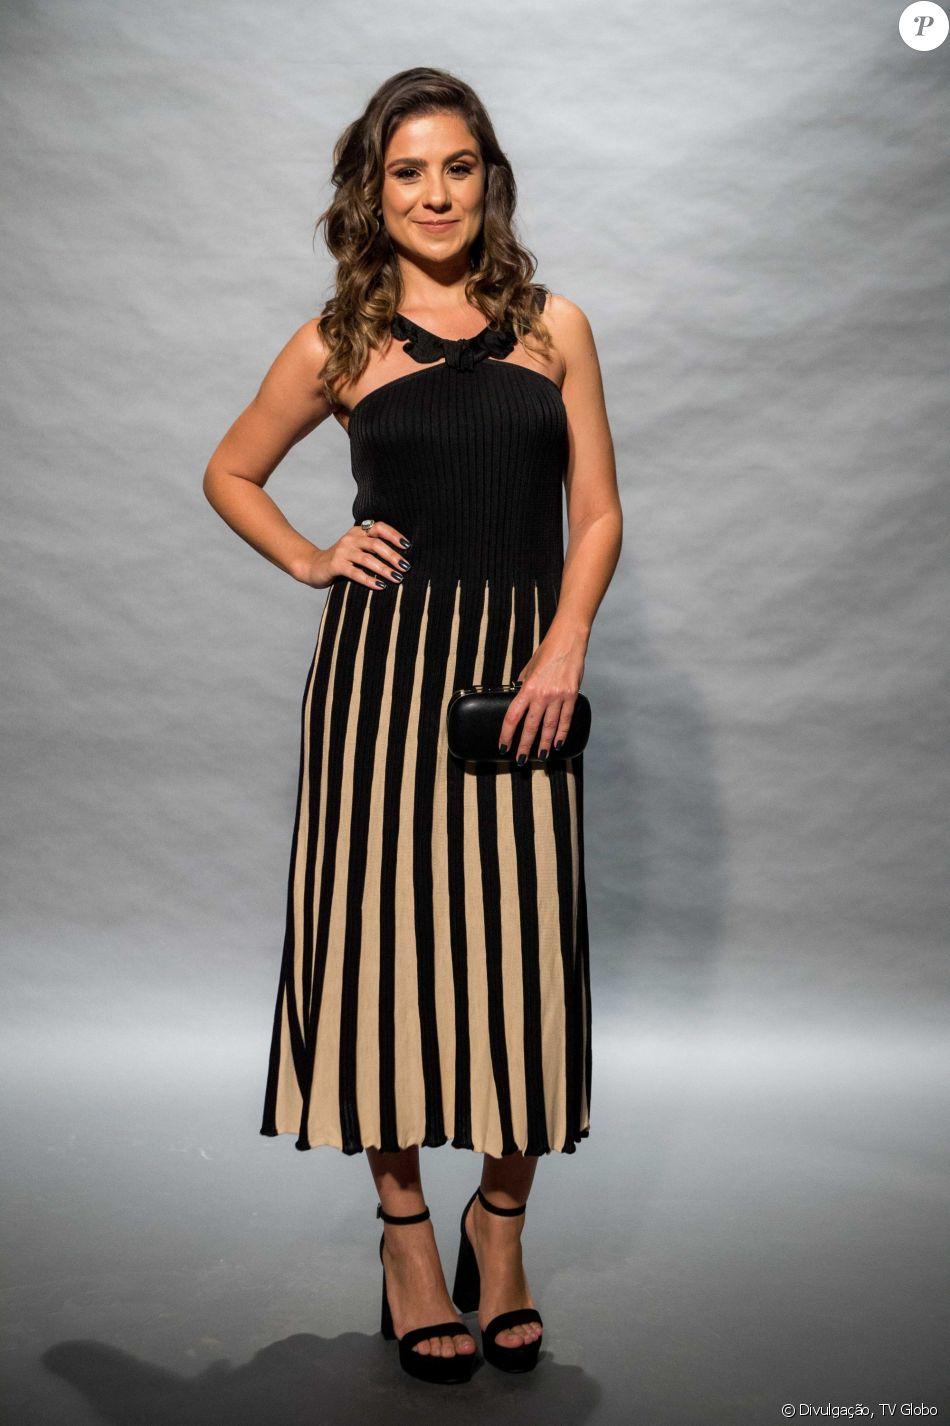 c36efaea2 Patrícia Elizardo escolheu o vestido Maria Filó para ir ao lançamento da  nova novela das nove da Globo, 'O Outro Lado do Paraíso'